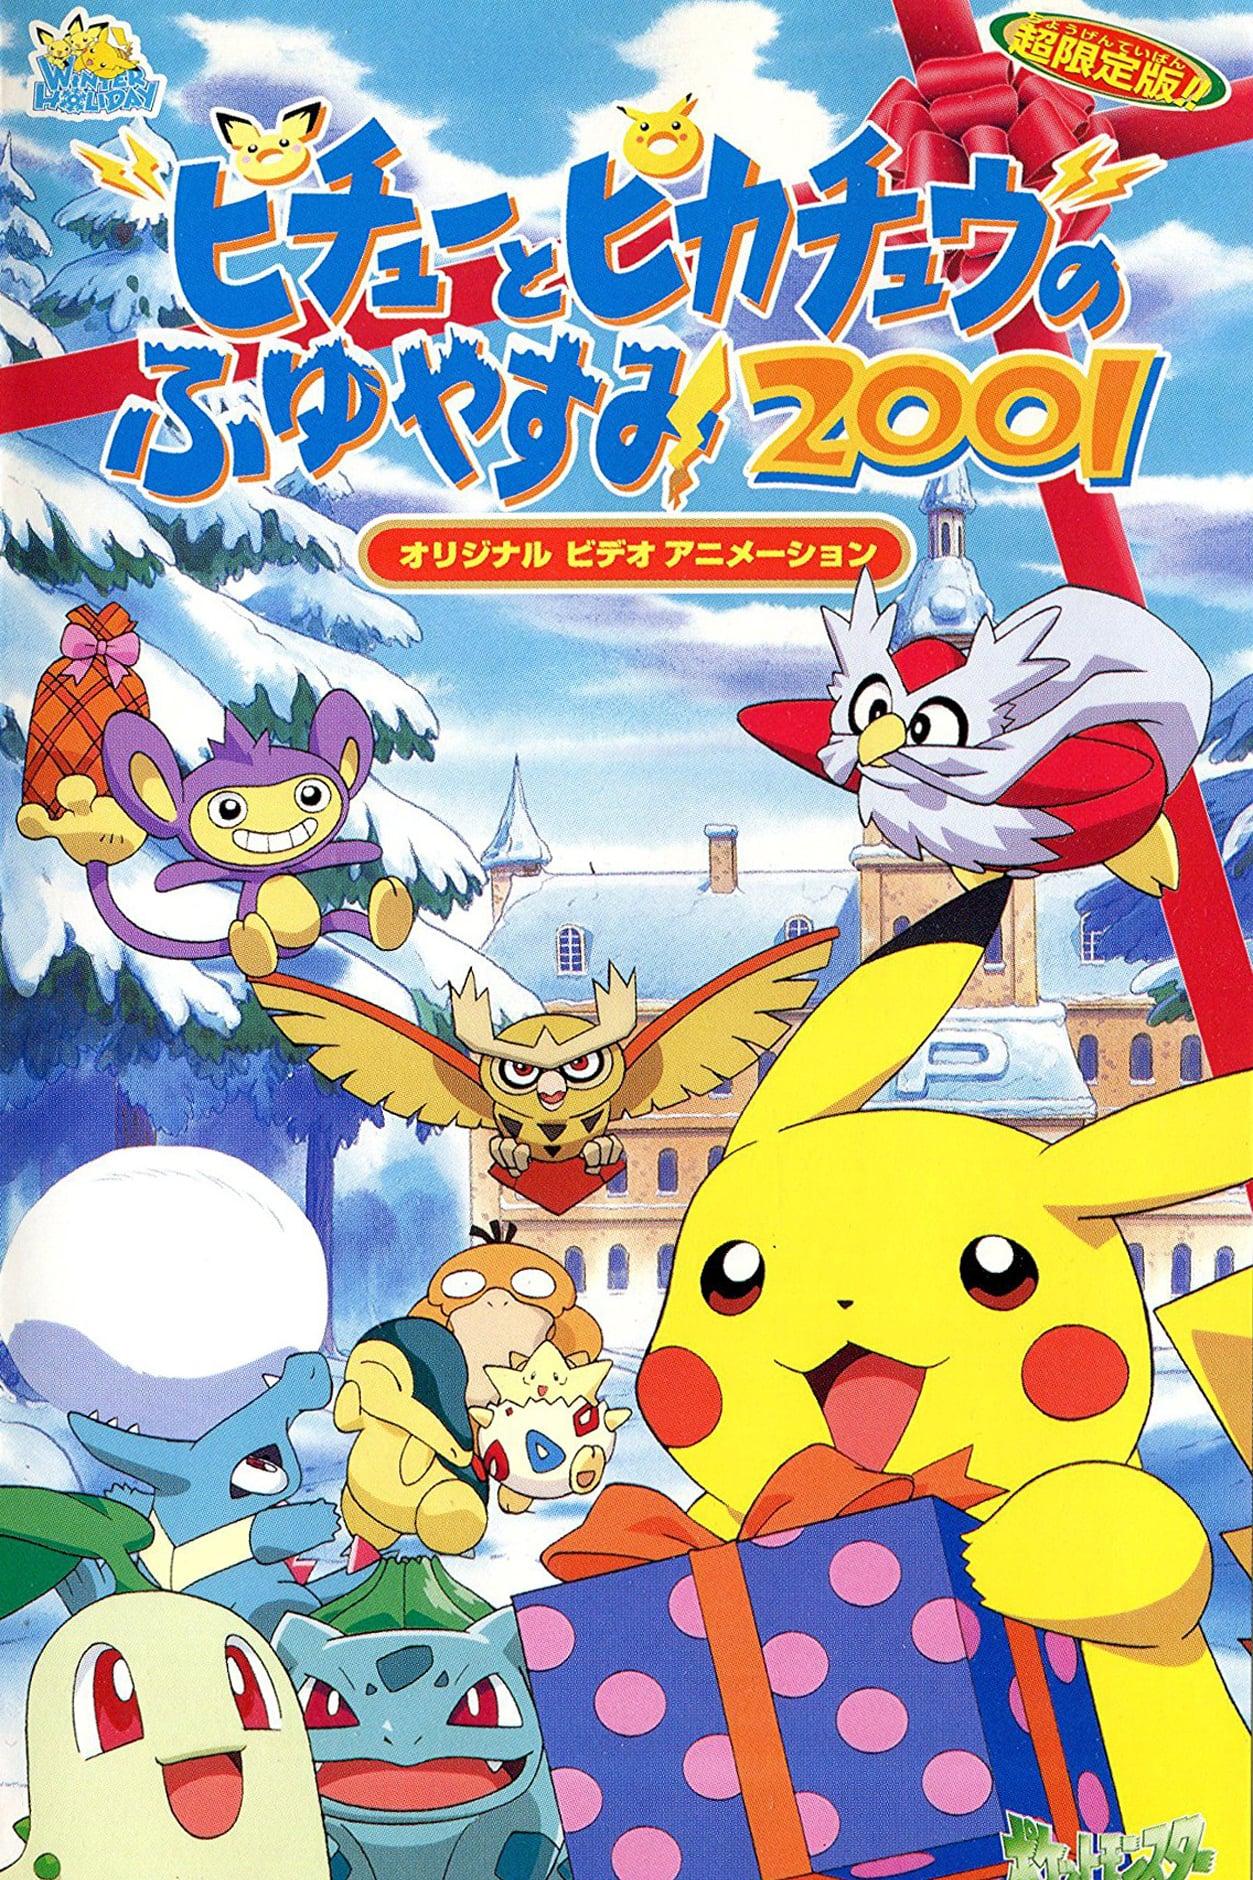 Pichu & Pikachu's Winter Vacation 2001